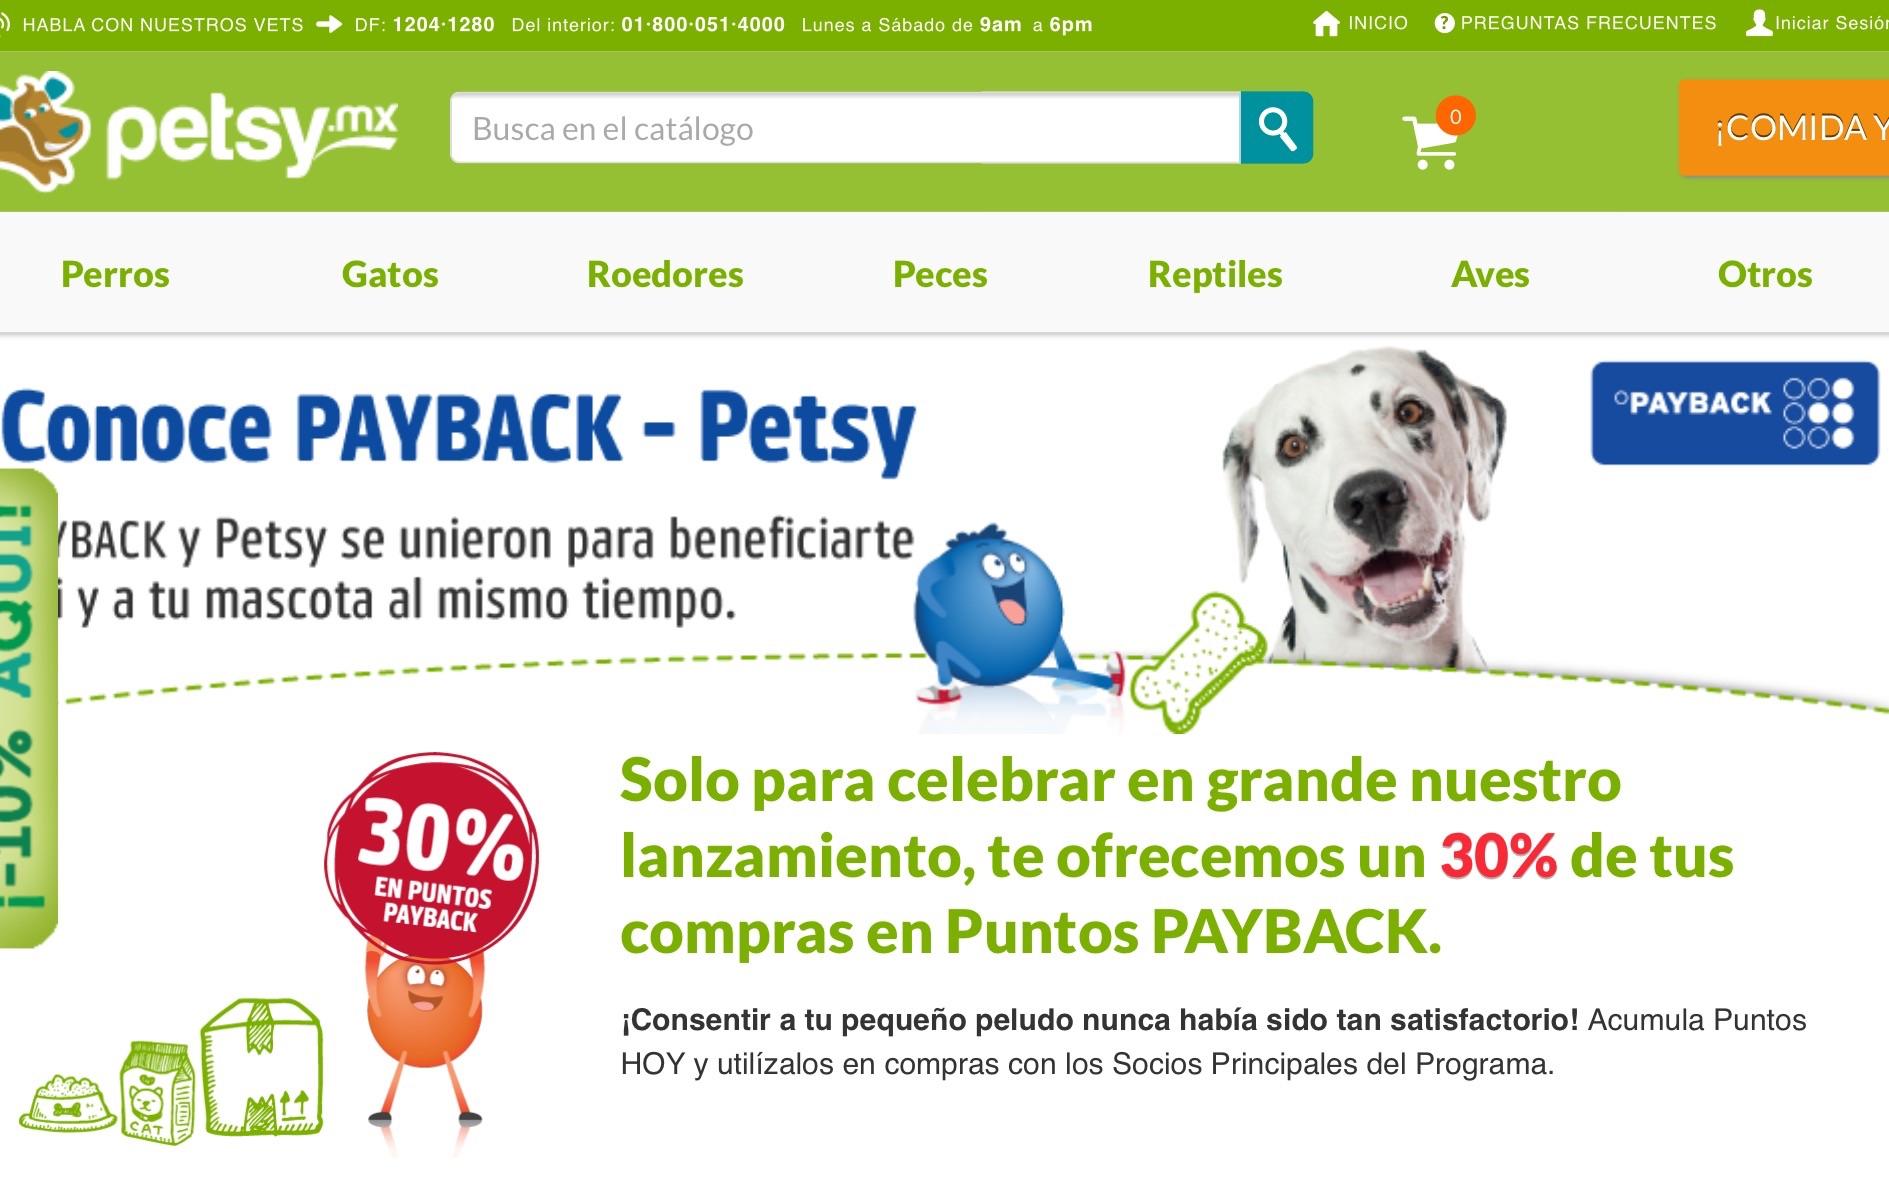 Petsy, 30% en Monedero Payback